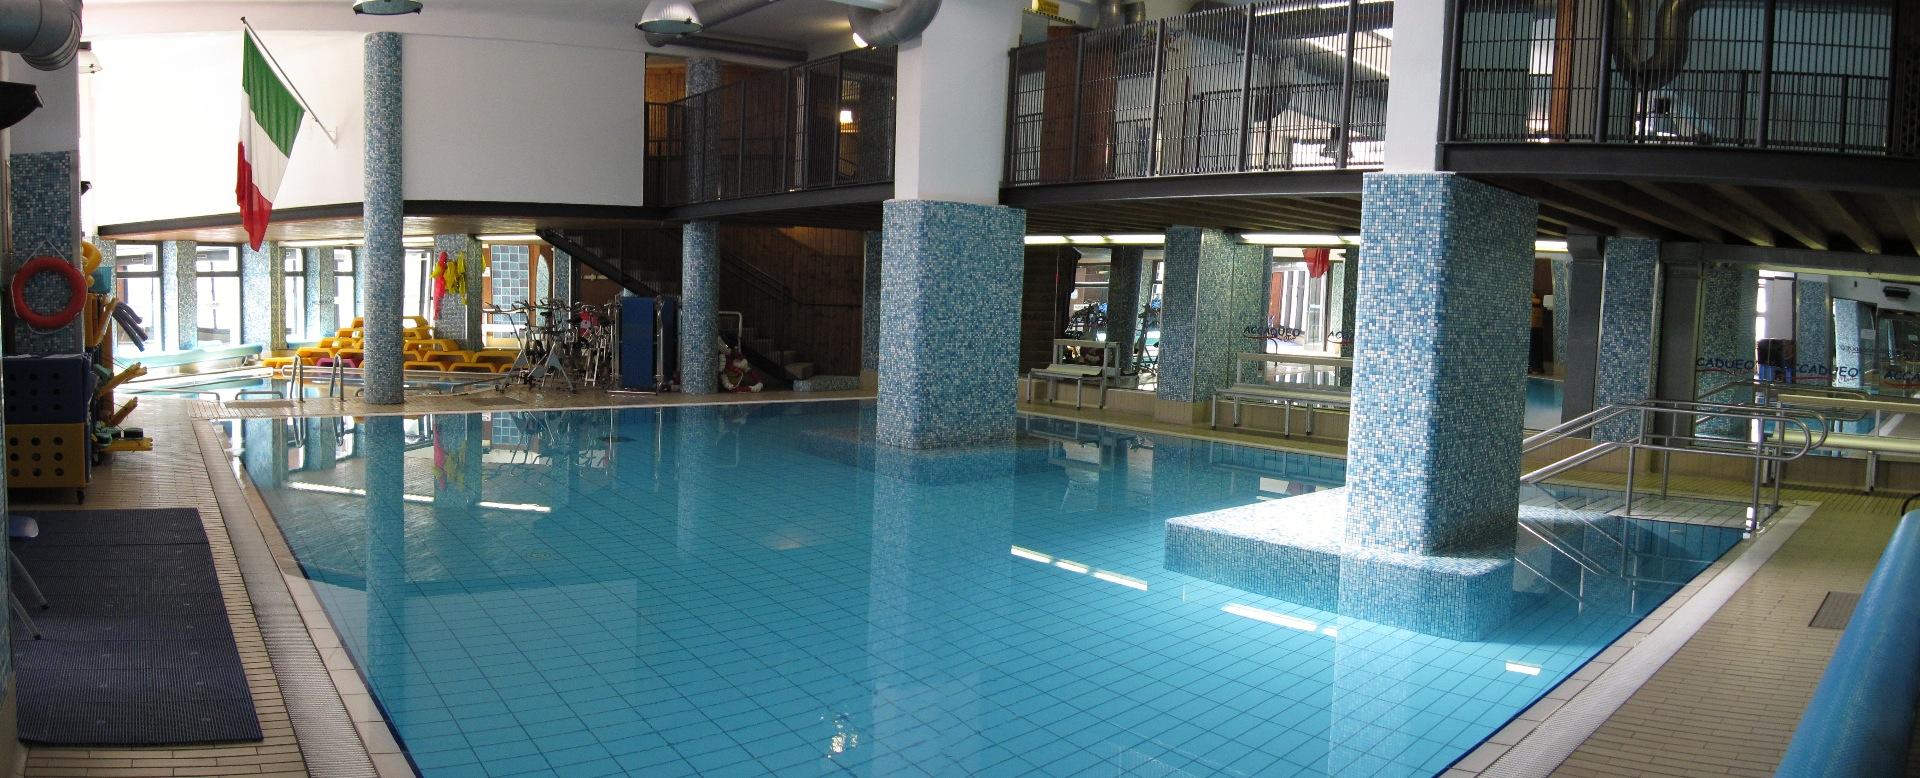 Offerta palestra accadueo 39 club milano - Palestre con piscina torino ...